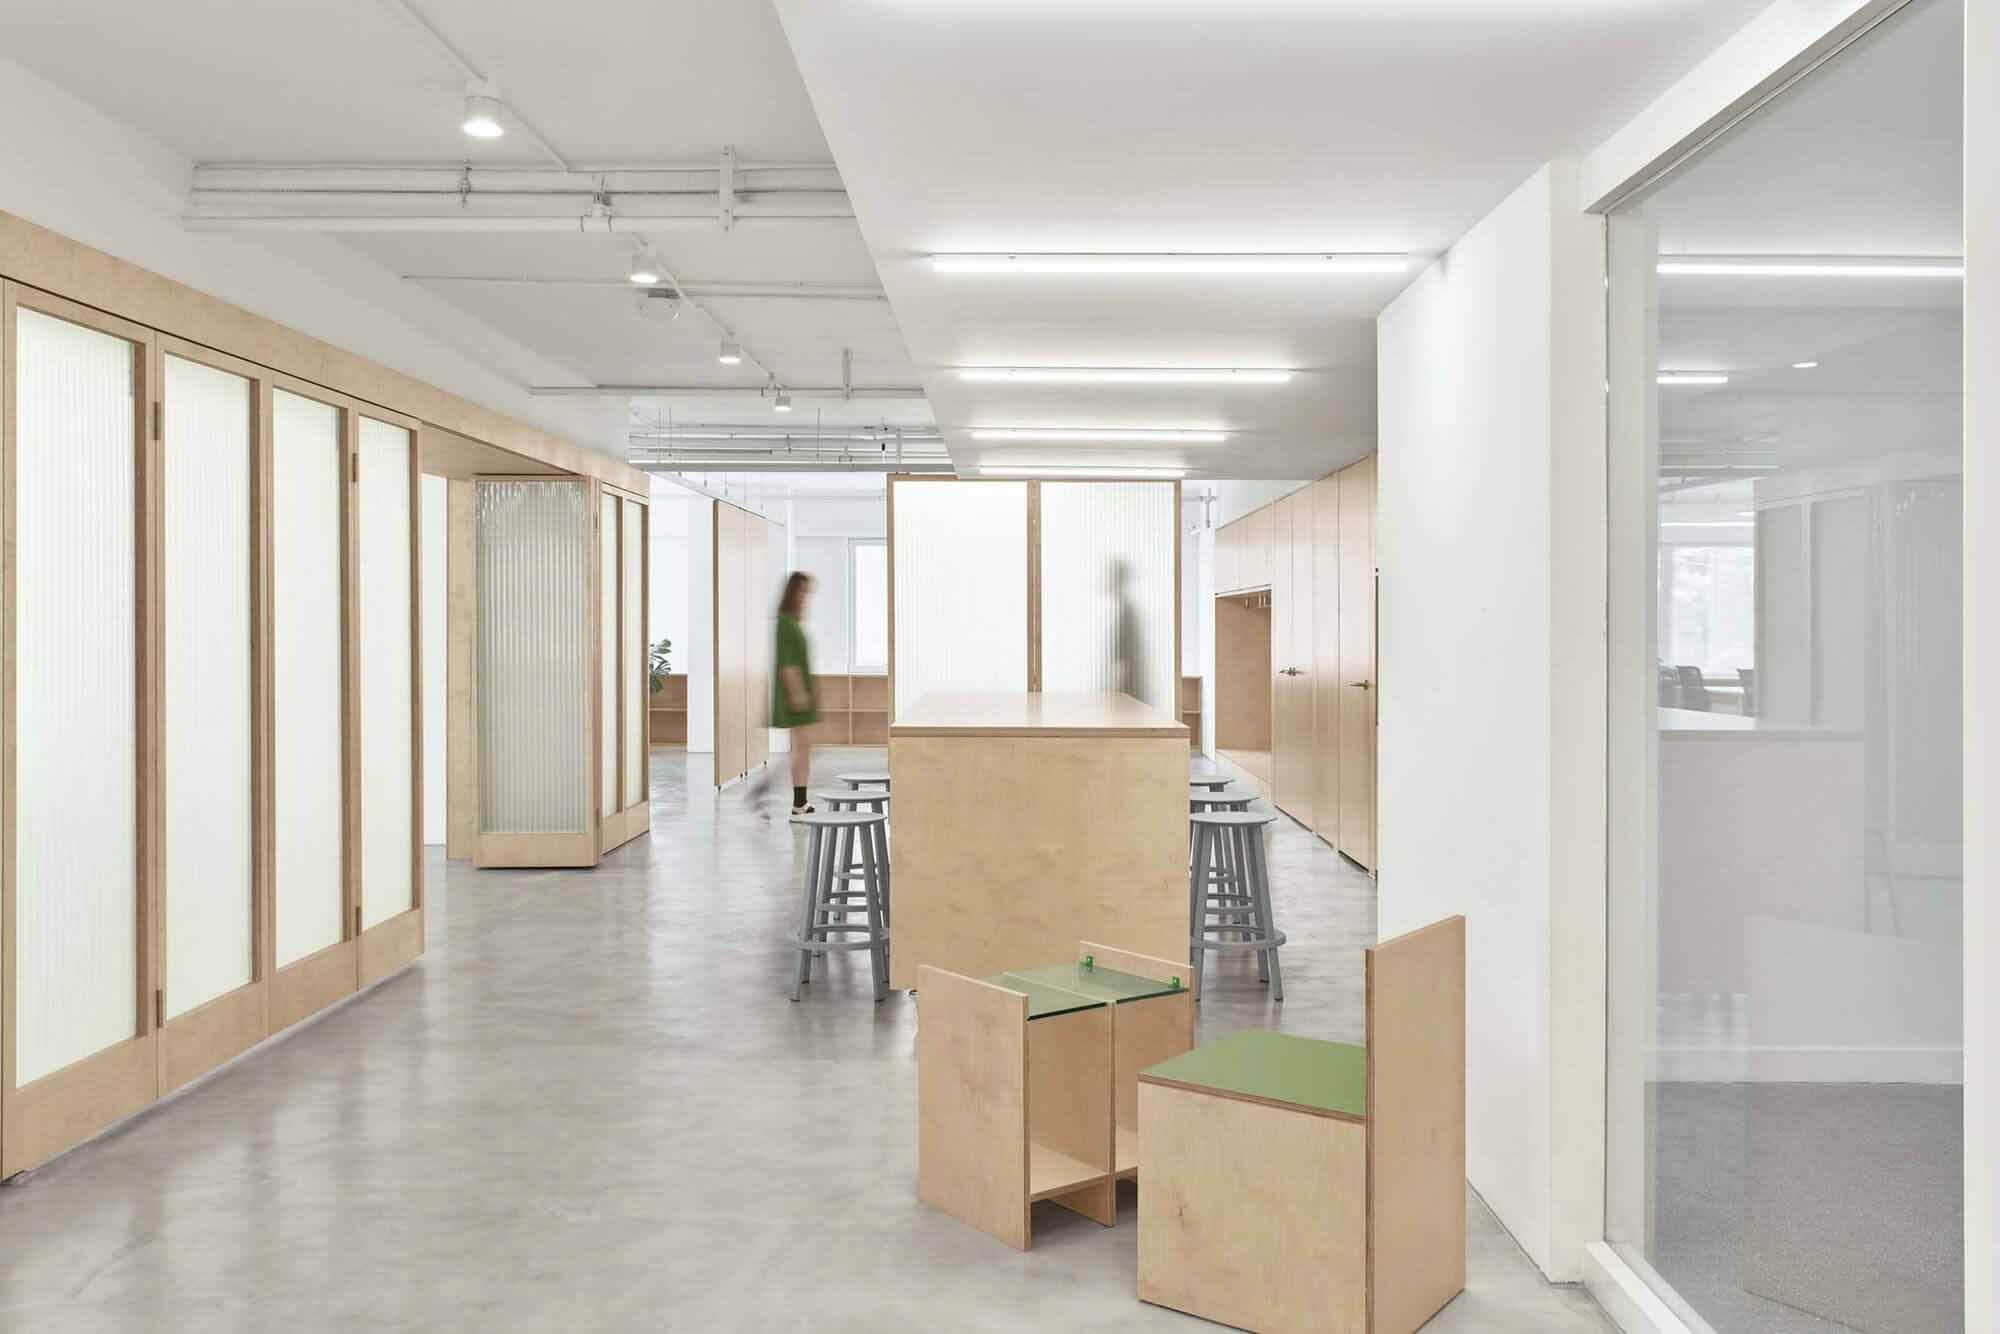 Офис с короткими предложениями / Woodo Studio